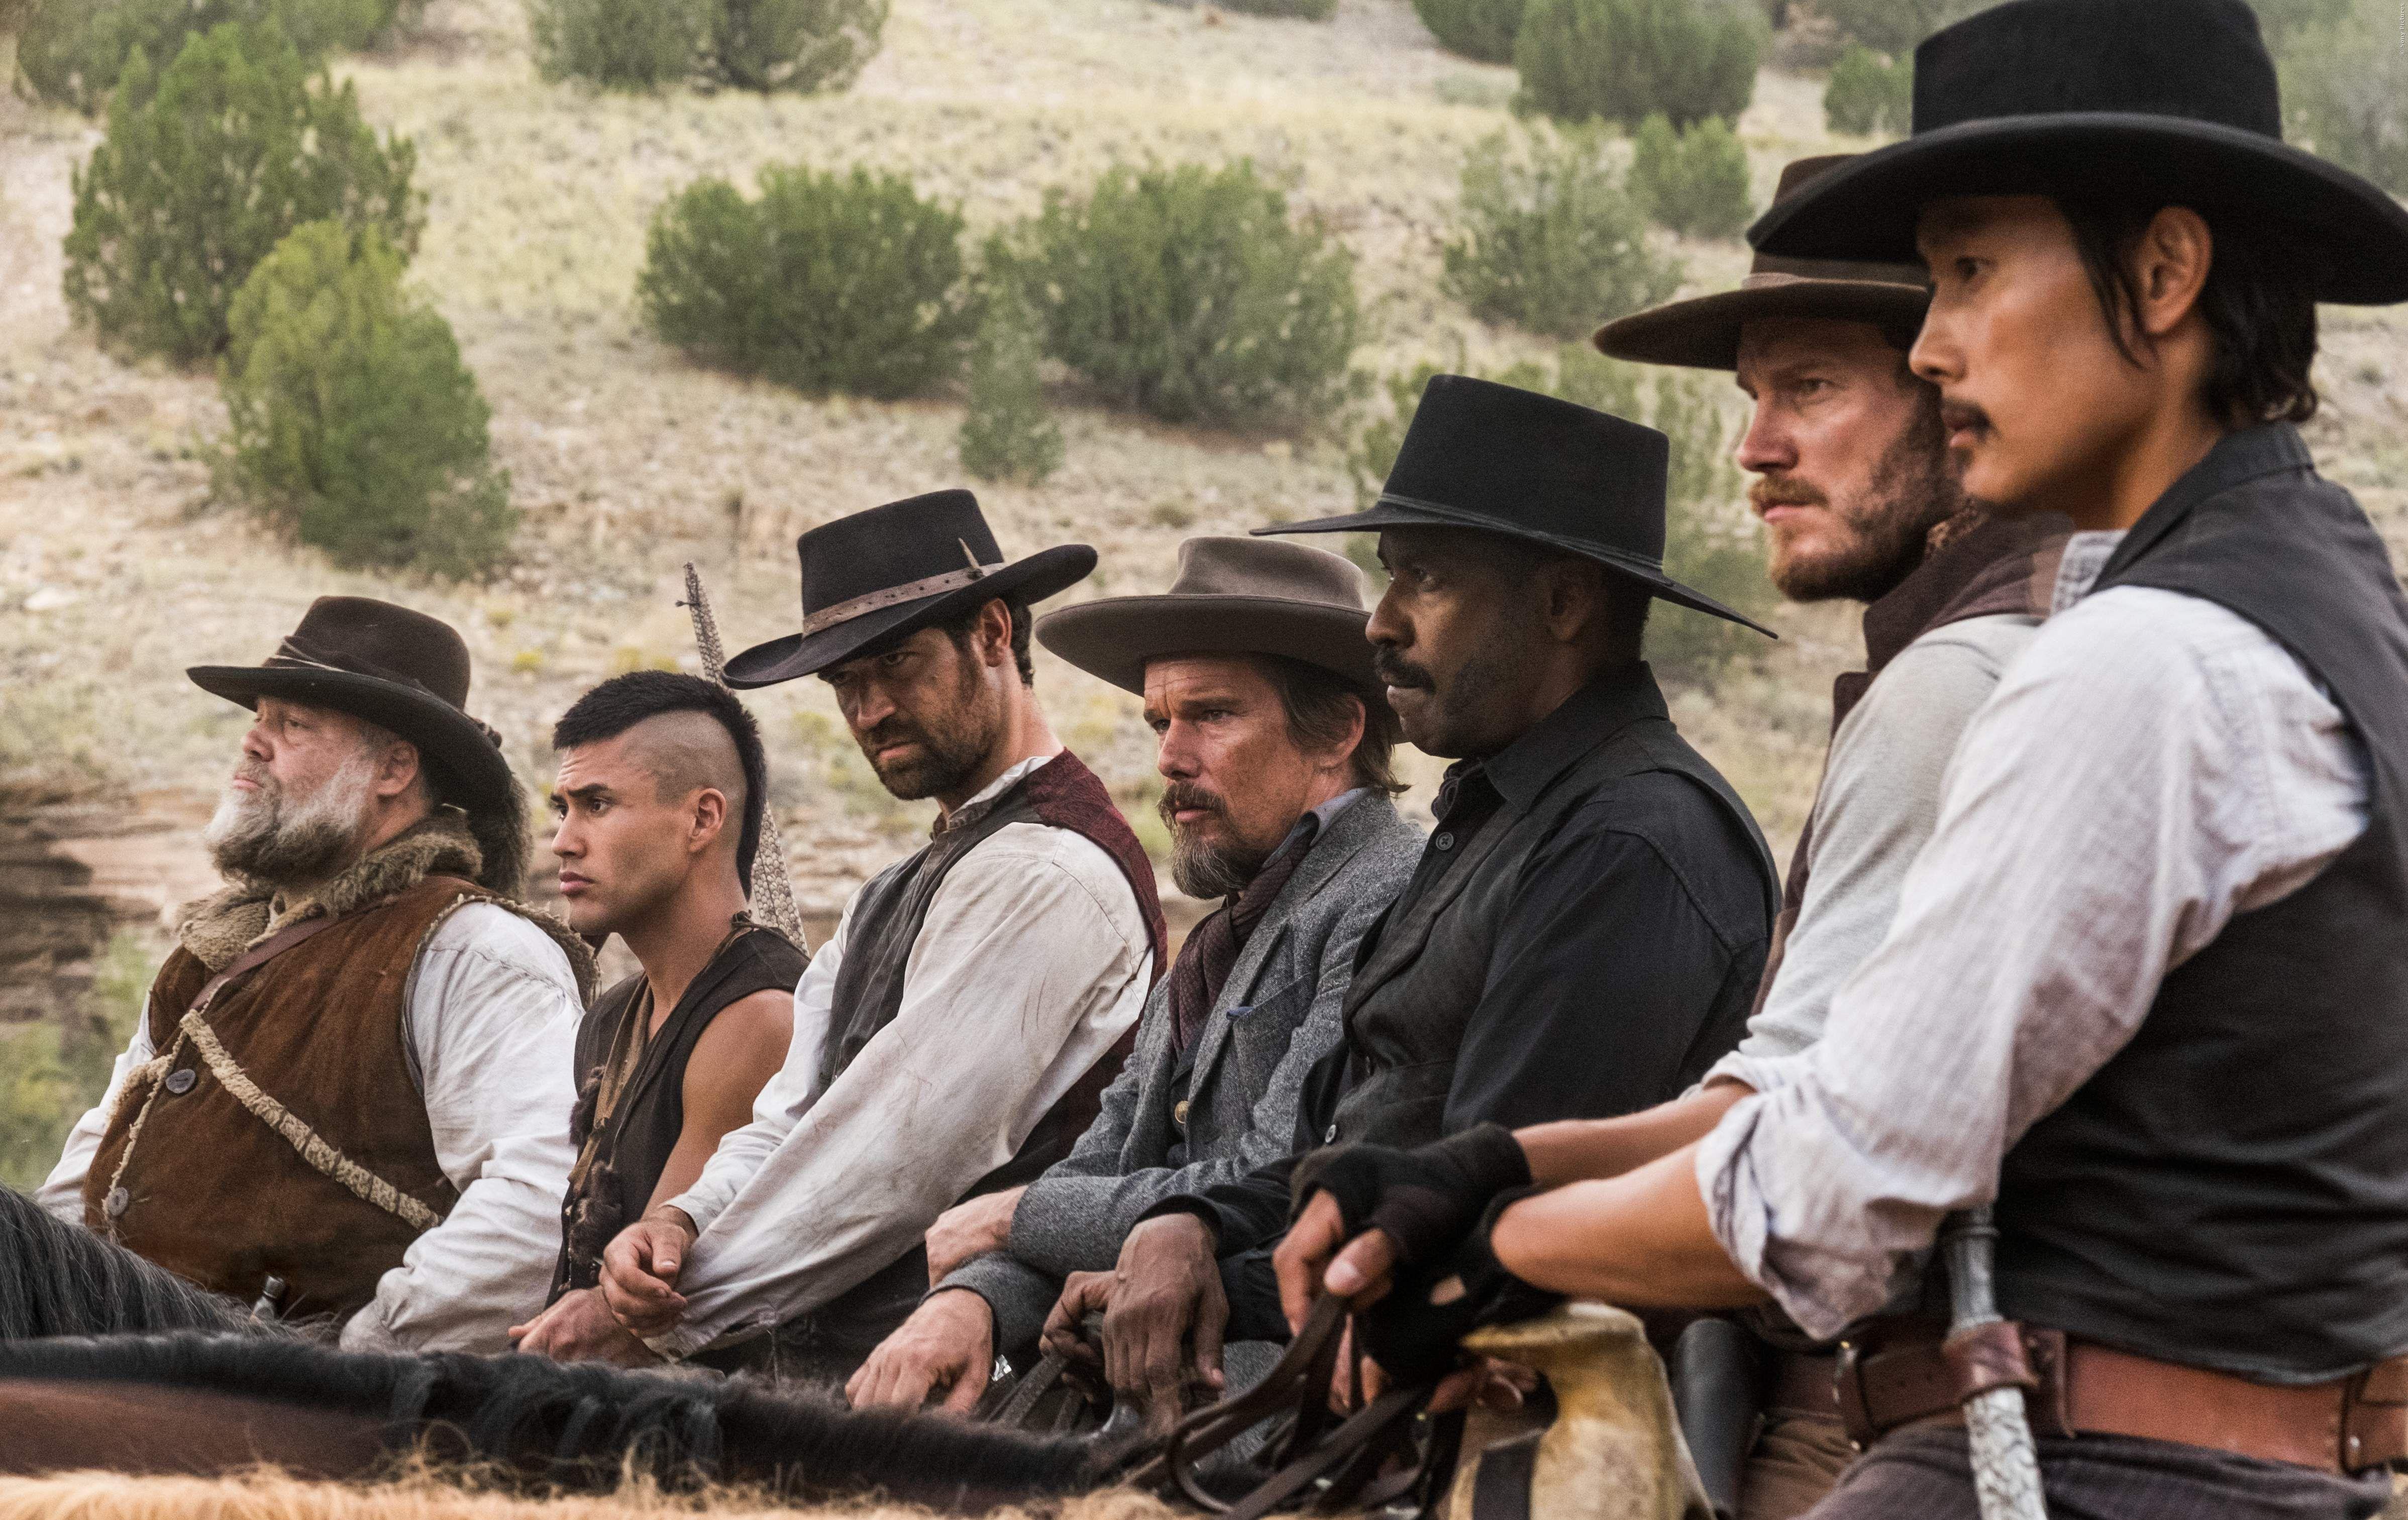 Film Tv Kino Filme Serien Vod Und Tv Die Glorreichen Sieben Byung Hun Lee Denzel Washington